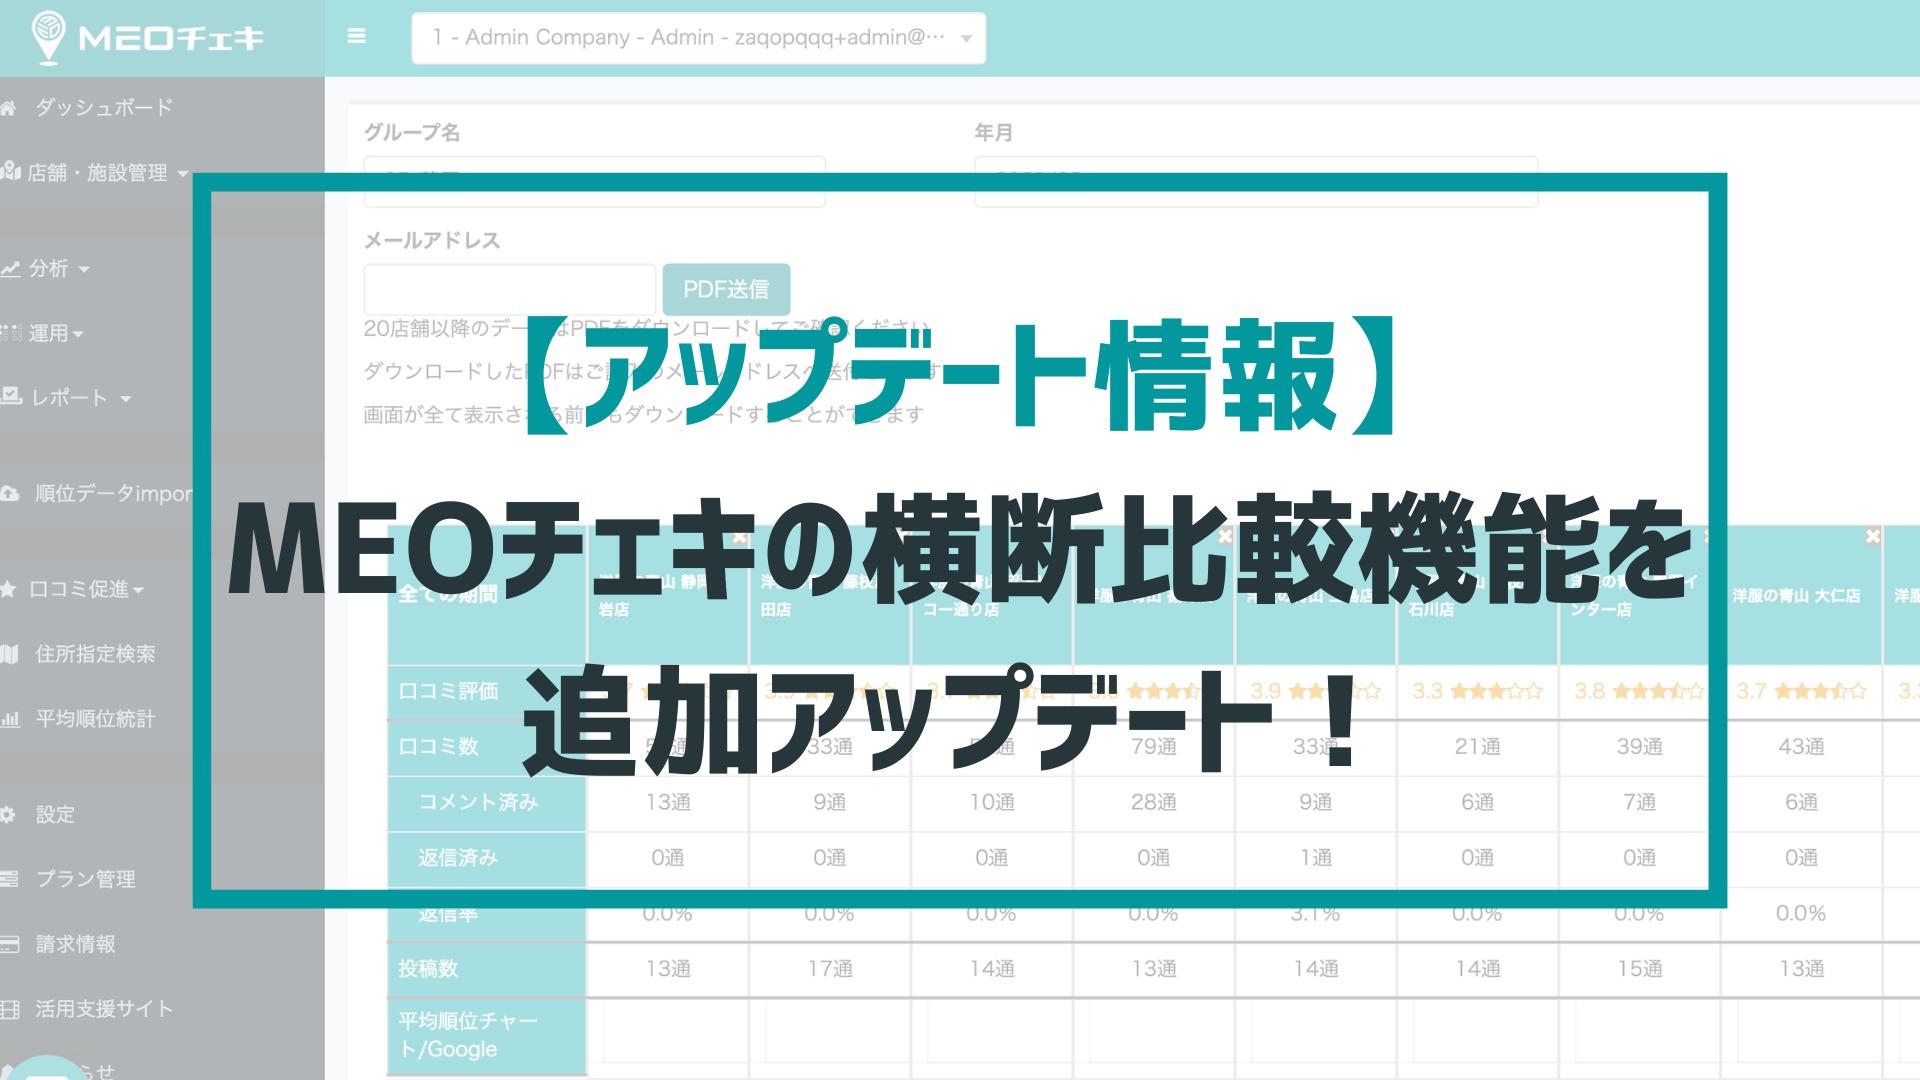 【アップデート情報】MEOチェキの横断比較機能を追加アップデート!